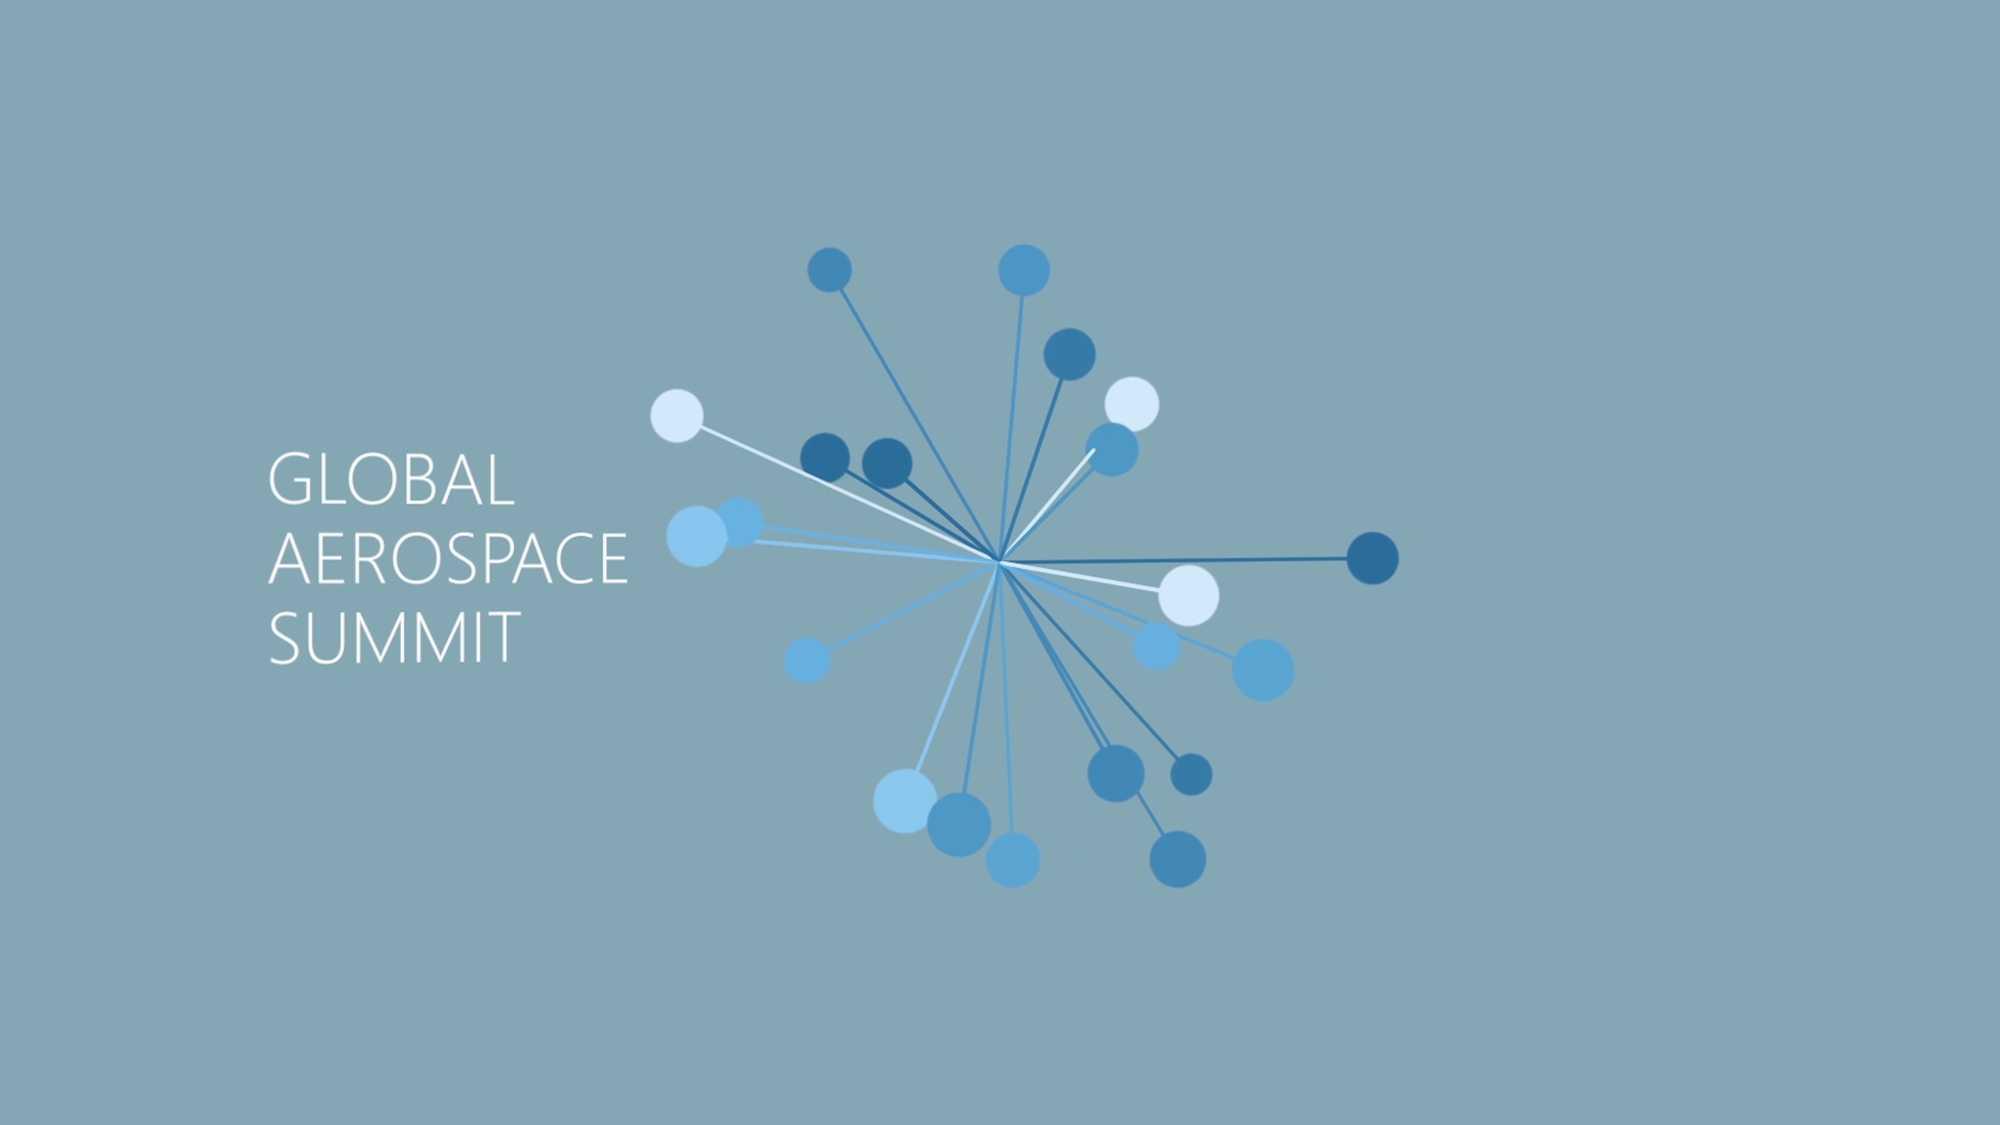 """Das Bild zeigt einen blauen Hintergrund. Auf diesem liegt eine Animation. Diese Animation stellt eine Art Molekül Sammlung dar. Daneben steht ein animiert Text, dieser sagt """"Global Aerospace Summit"""". Die Moleküle sind in verschiedenen Blaugrünen an Strichen zu finden, die in der Mitte zusammen verlaufen. Das Bild dient als Sliderbild für den Portfolioeintrag Aerospace Campus Erklärfilm von Panda Pictures."""